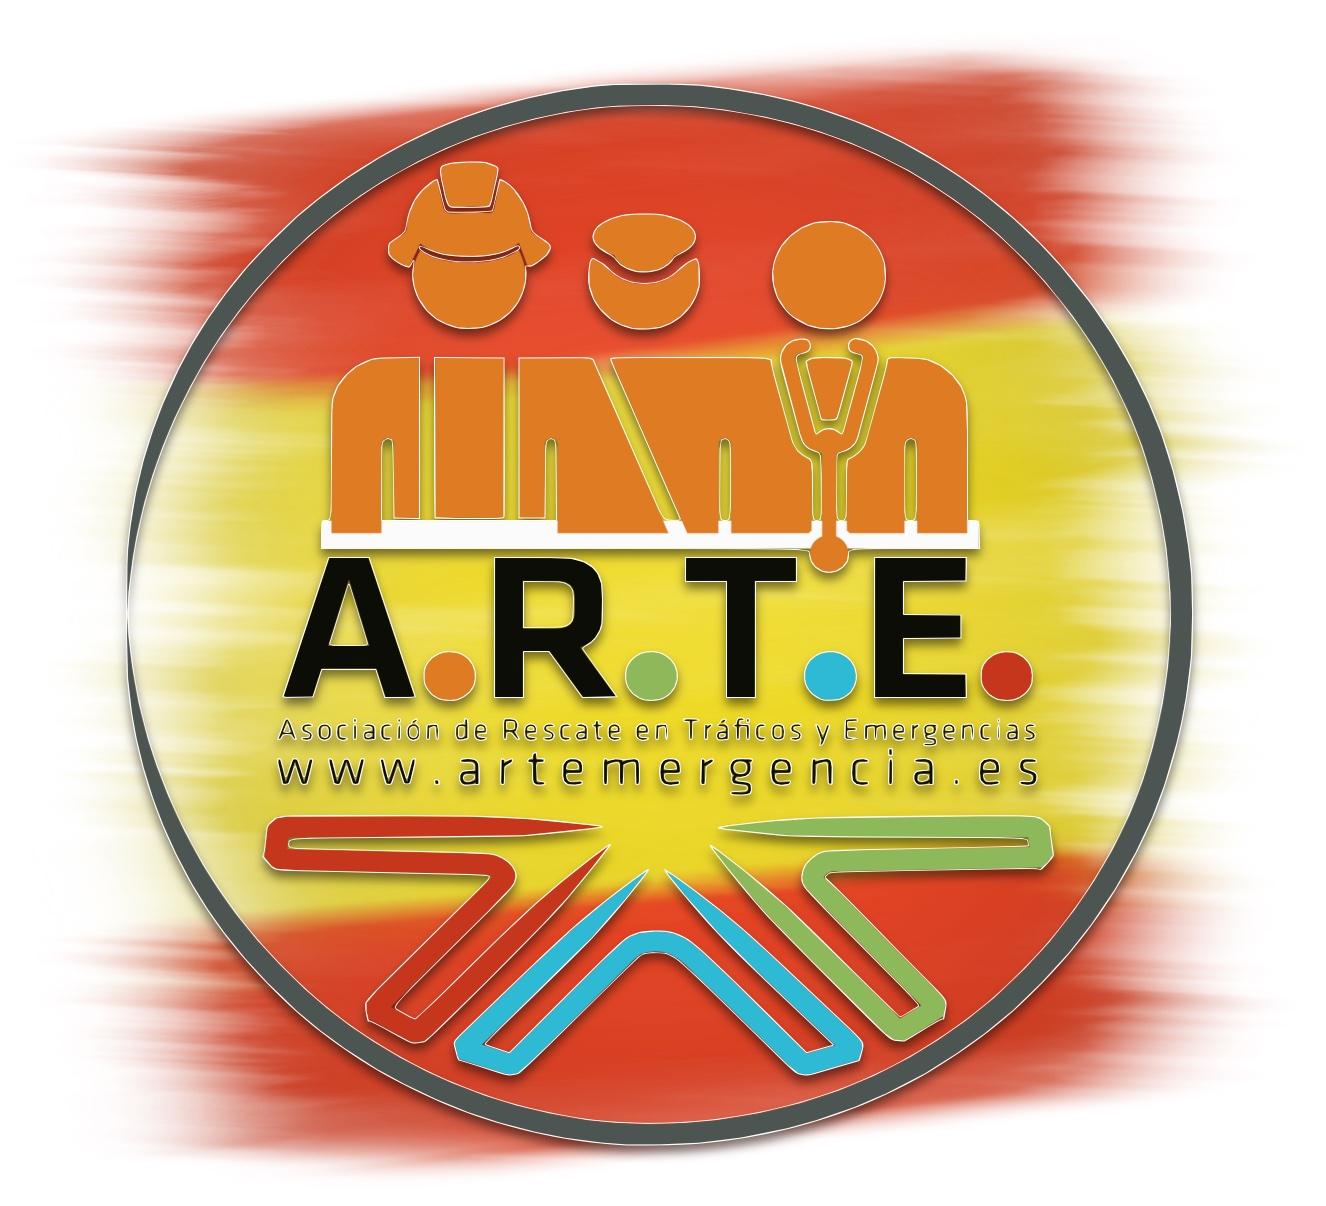 http://artemergencia.es/wp-content/uploads/2018/05/ARTEespañajpg.jpg